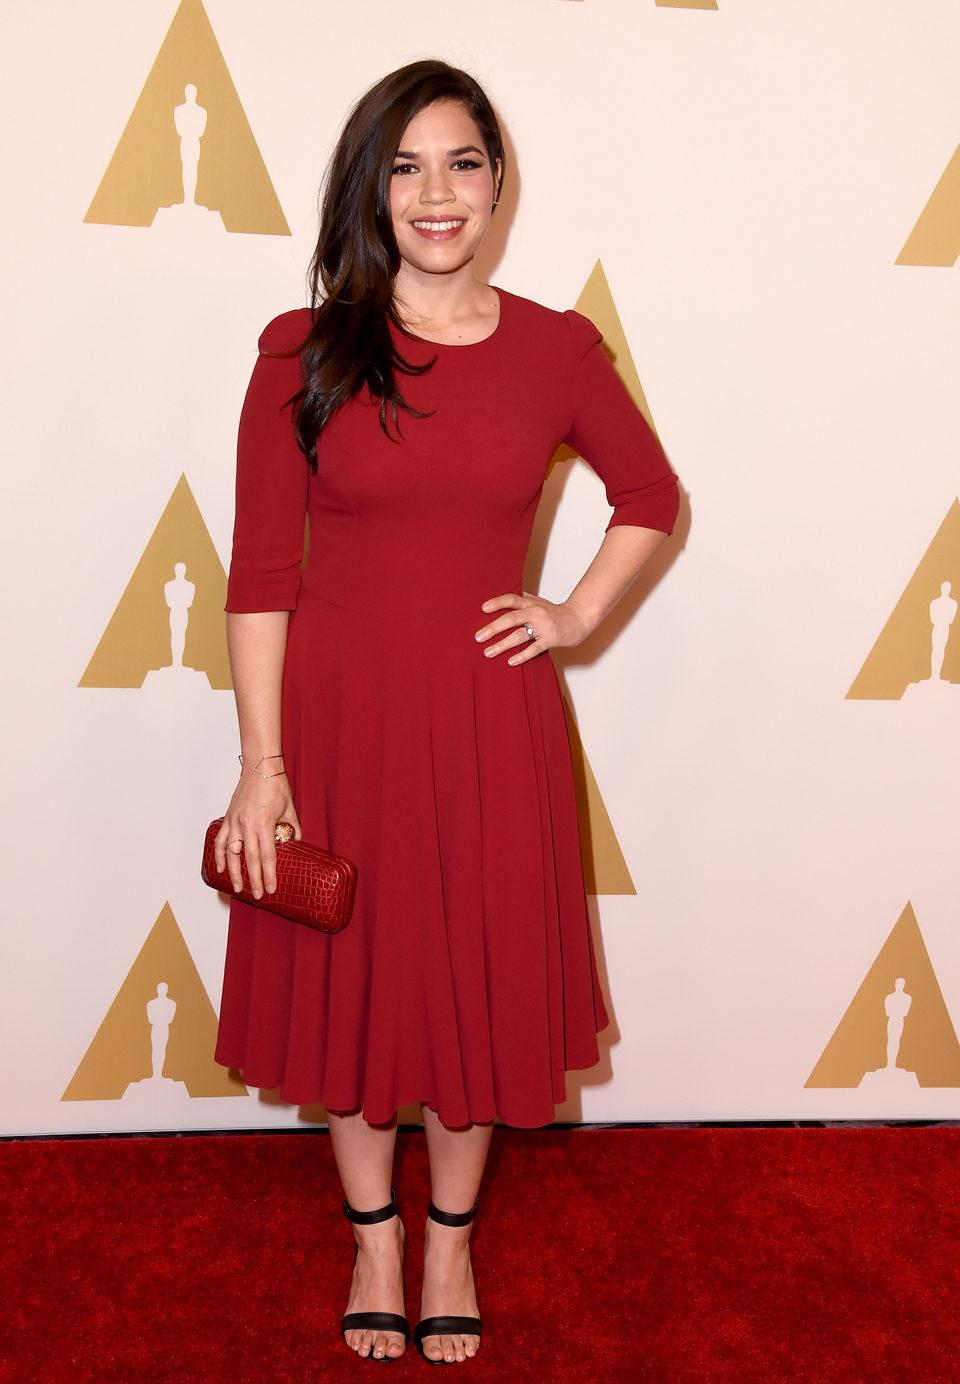 America Ferrera en el almuerzo de los nominados a los Oscar 2015